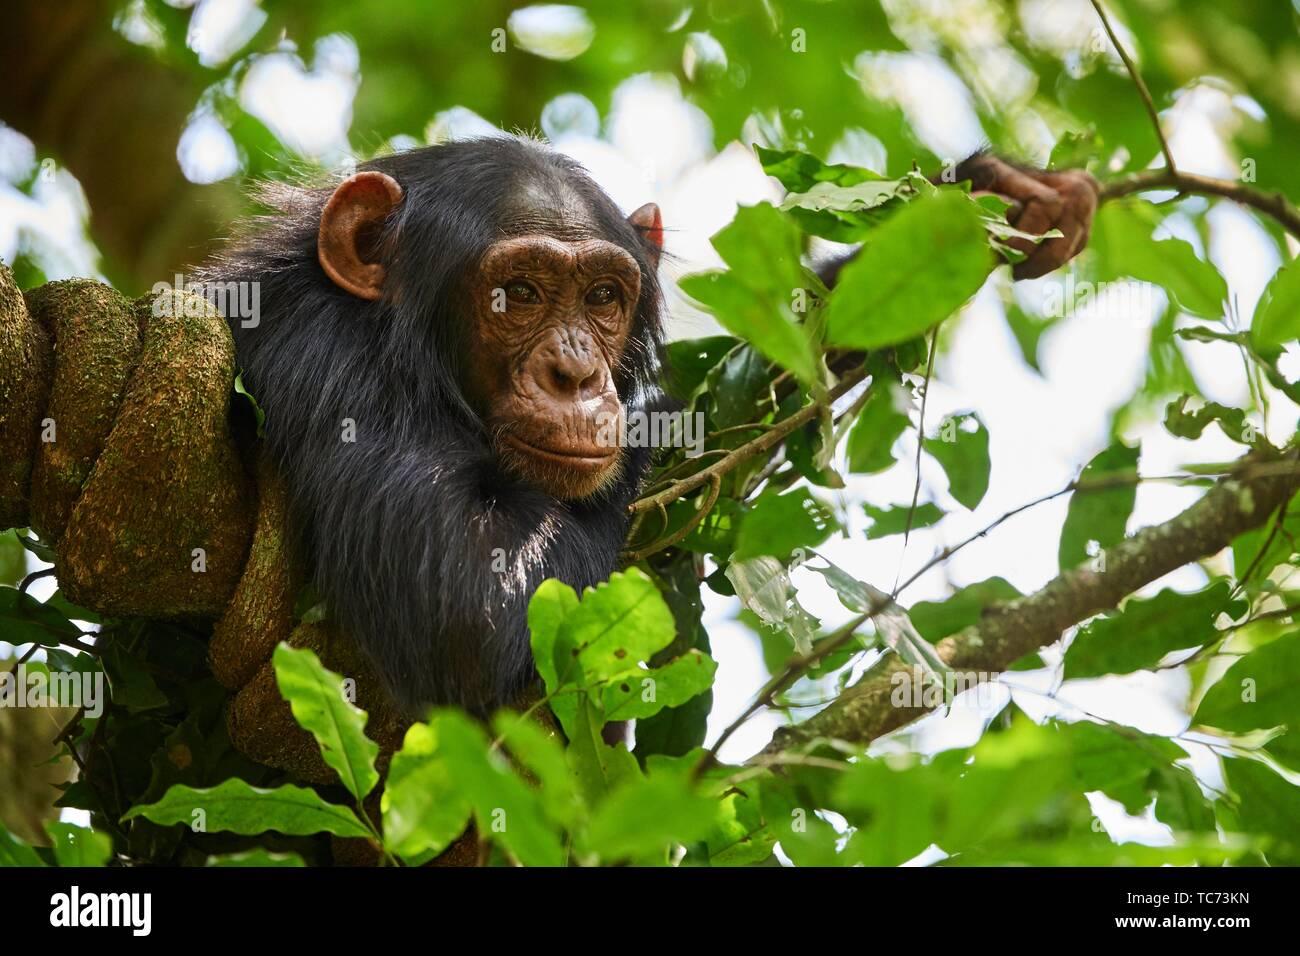 El chimpancé (Pan troglodytes schweinfurthii menores) en un árbol. Parque Nacional Kibale, en Uganda. Imagen De Stock